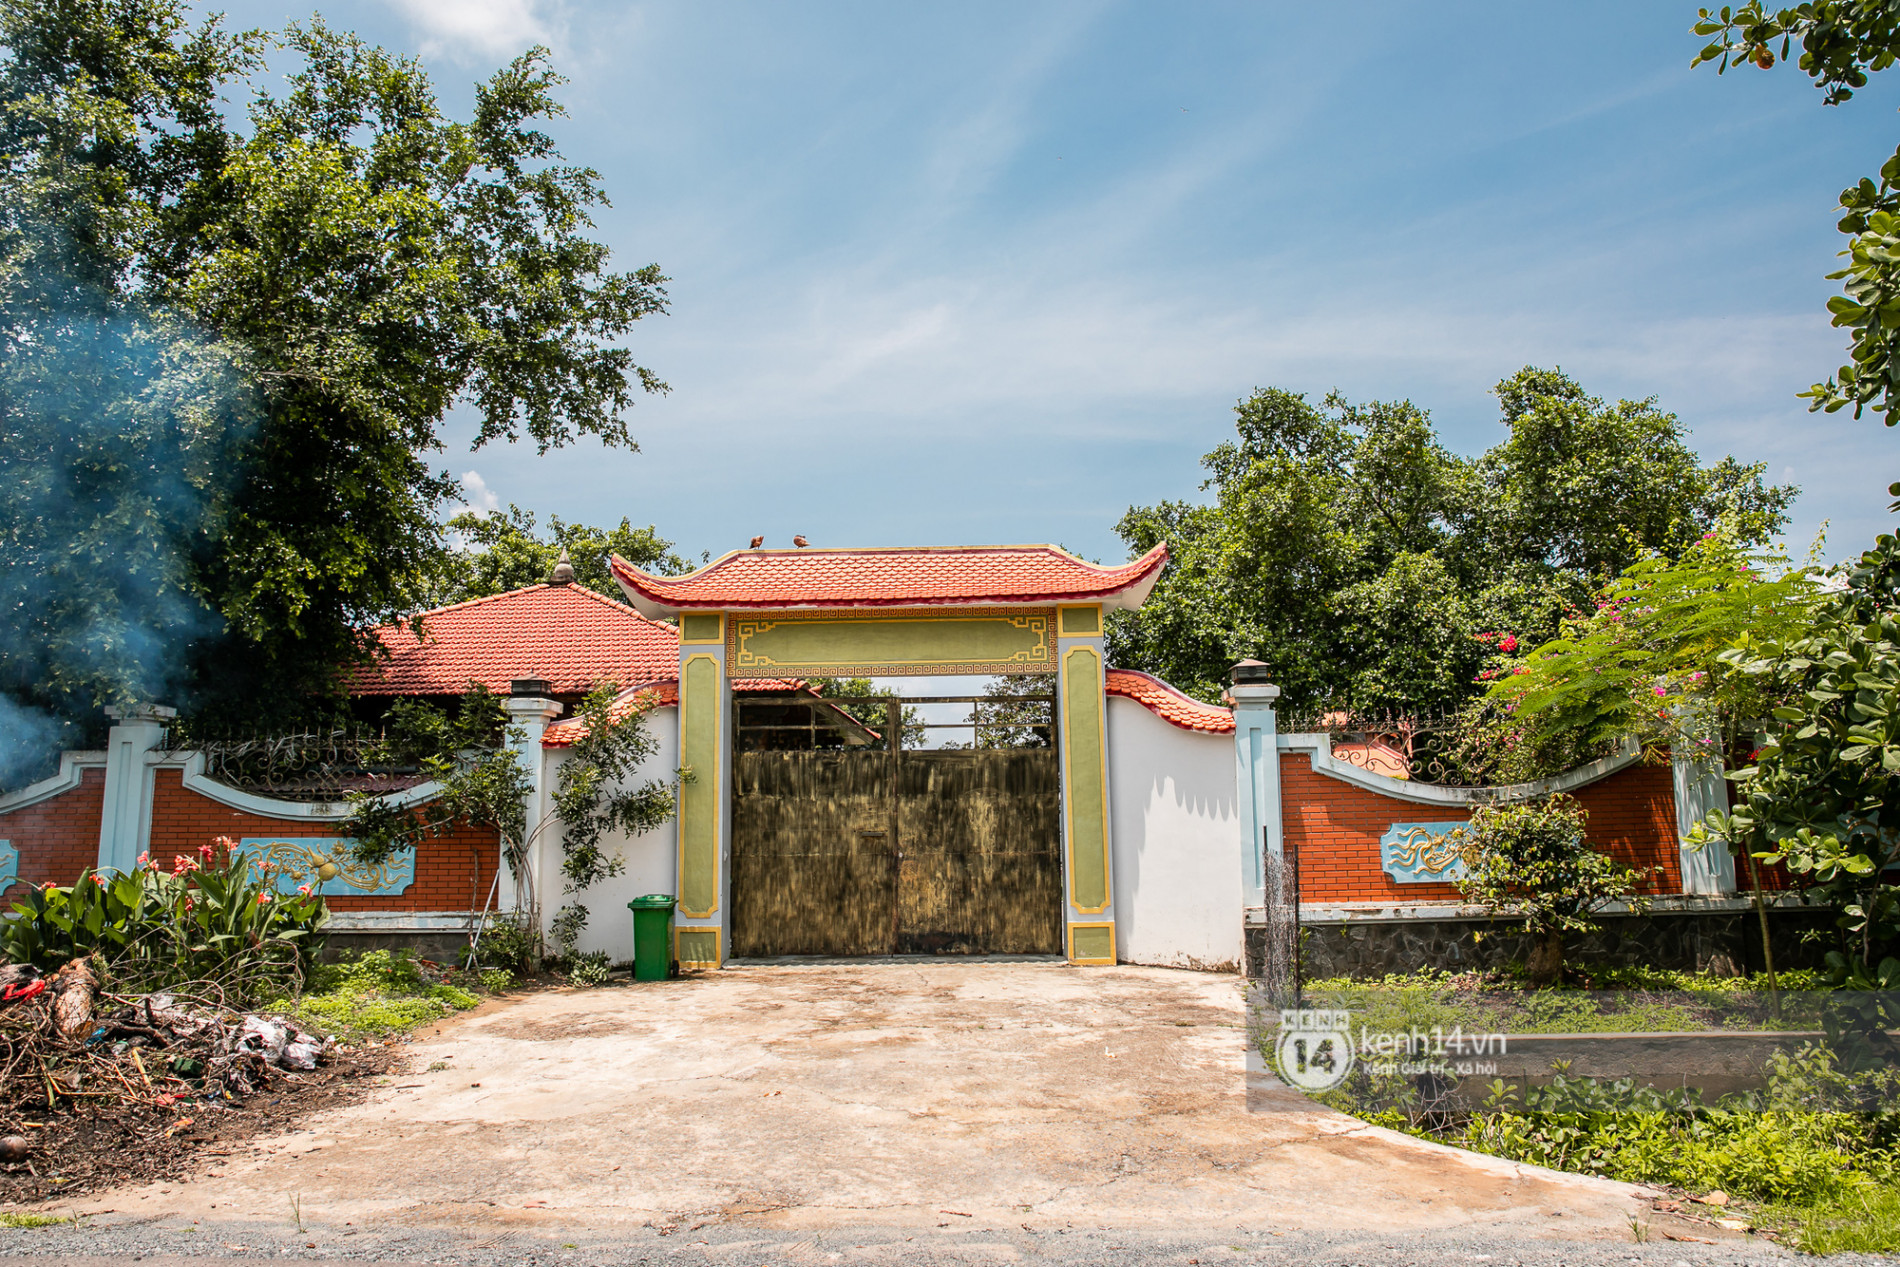 Về thăm Đền thờ Tổ nghiệp của NS Hoài Linh sau loạt lùm xùm từ thiện: Camera bố trí dày đặc, hàng xóm kể không bao giờ thấy mặt - Ảnh 7.